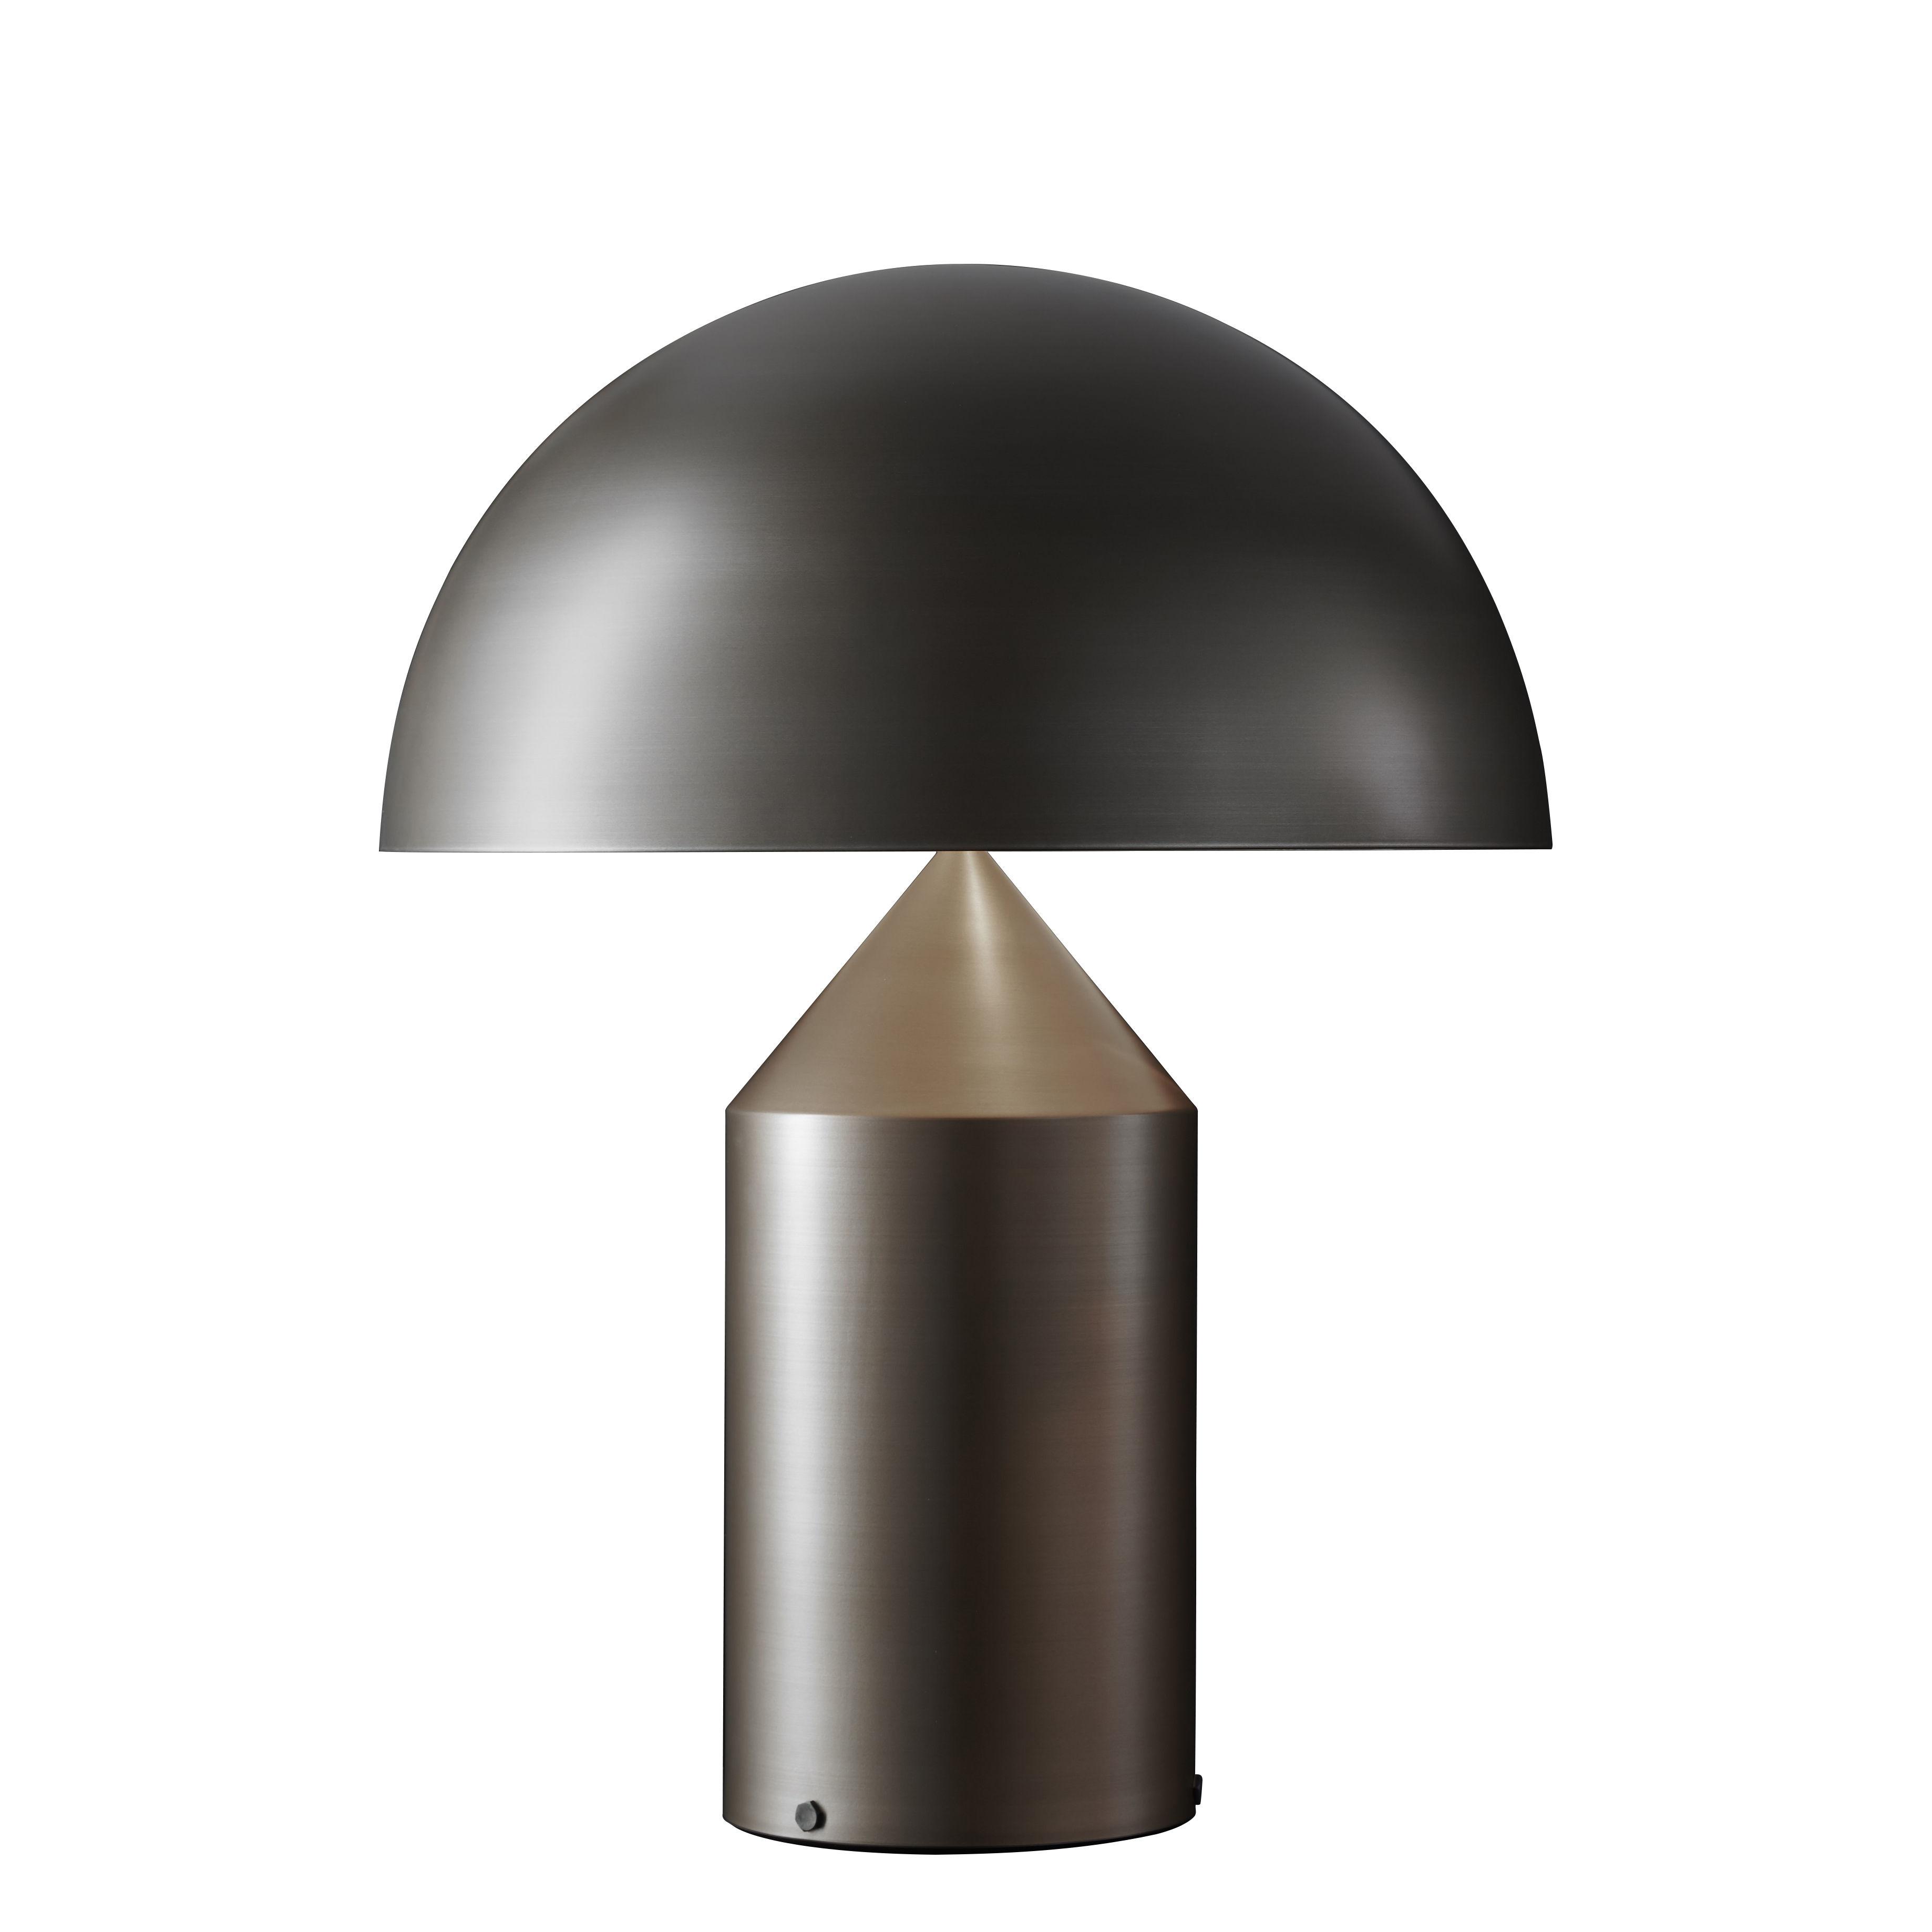 Leuchten - Tischleuchten - Atollo Large Tischleuchte Métal / H 70 cm / Vico Magistretti, 1977 - O luce - Bronze - klarlackbeschichtetes Aluminium